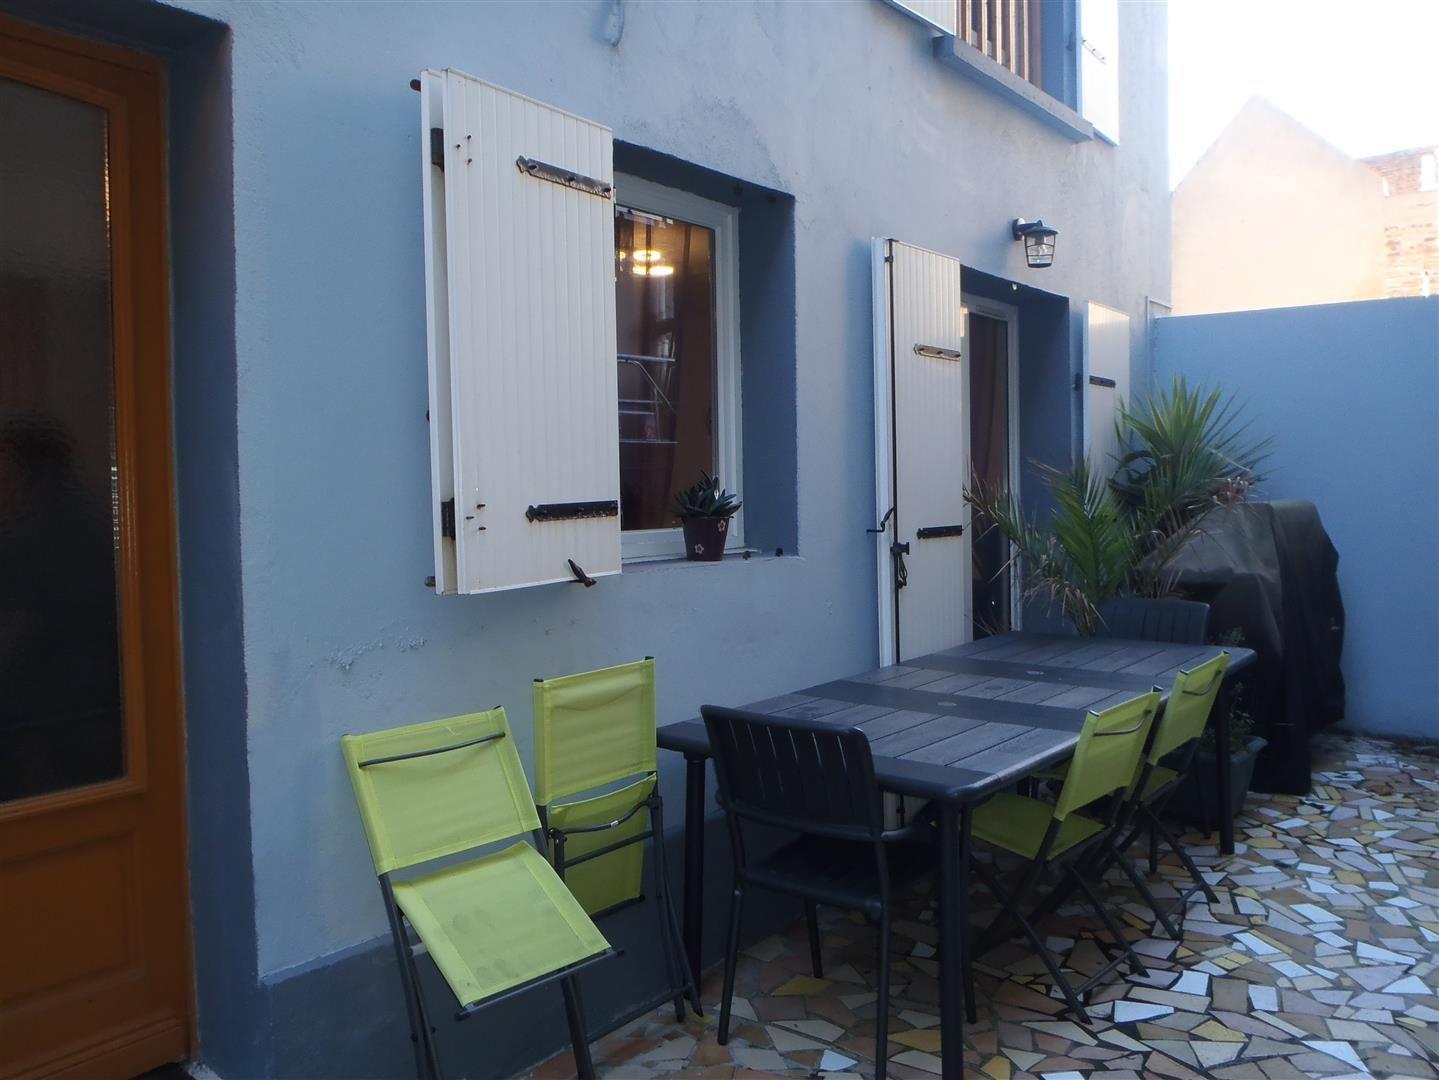 Ventes vendre maison de ville avec terrasse t4 f4 au for Deco appartement f4